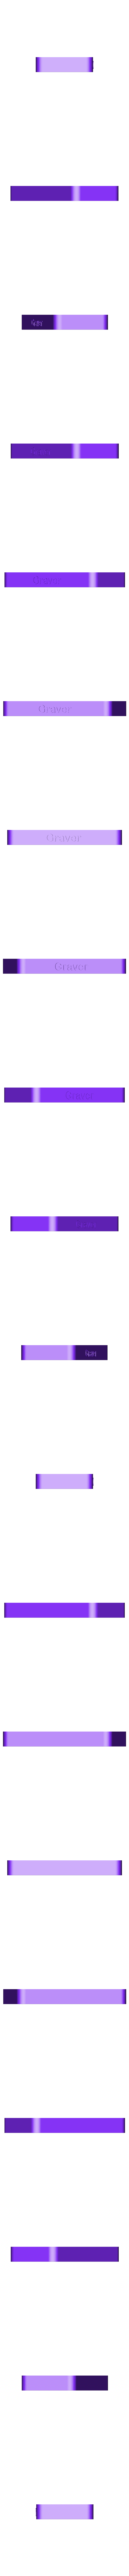 Body1.stl Télécharger fichier STL gratuit Boîte pour buses de forage • Modèle pour impression 3D, freeclimbingbo